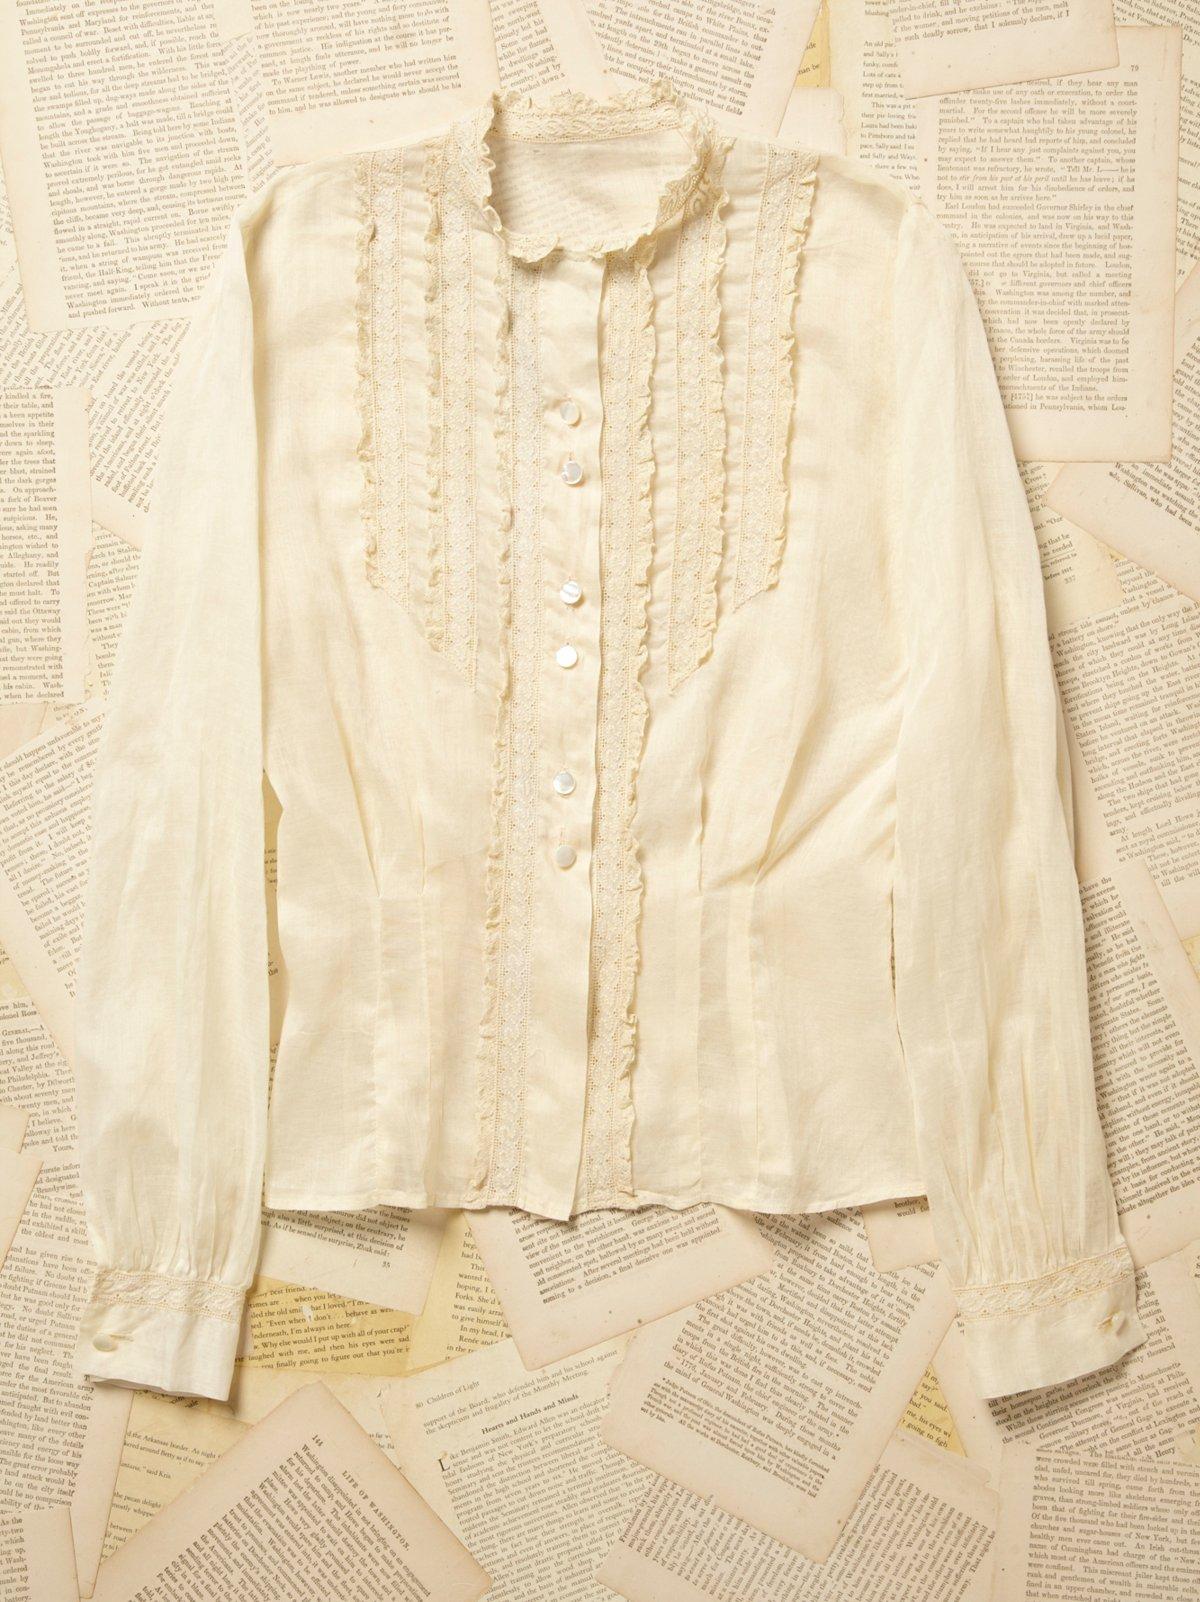 Vintage 1930s Cotton and Lace Blouse